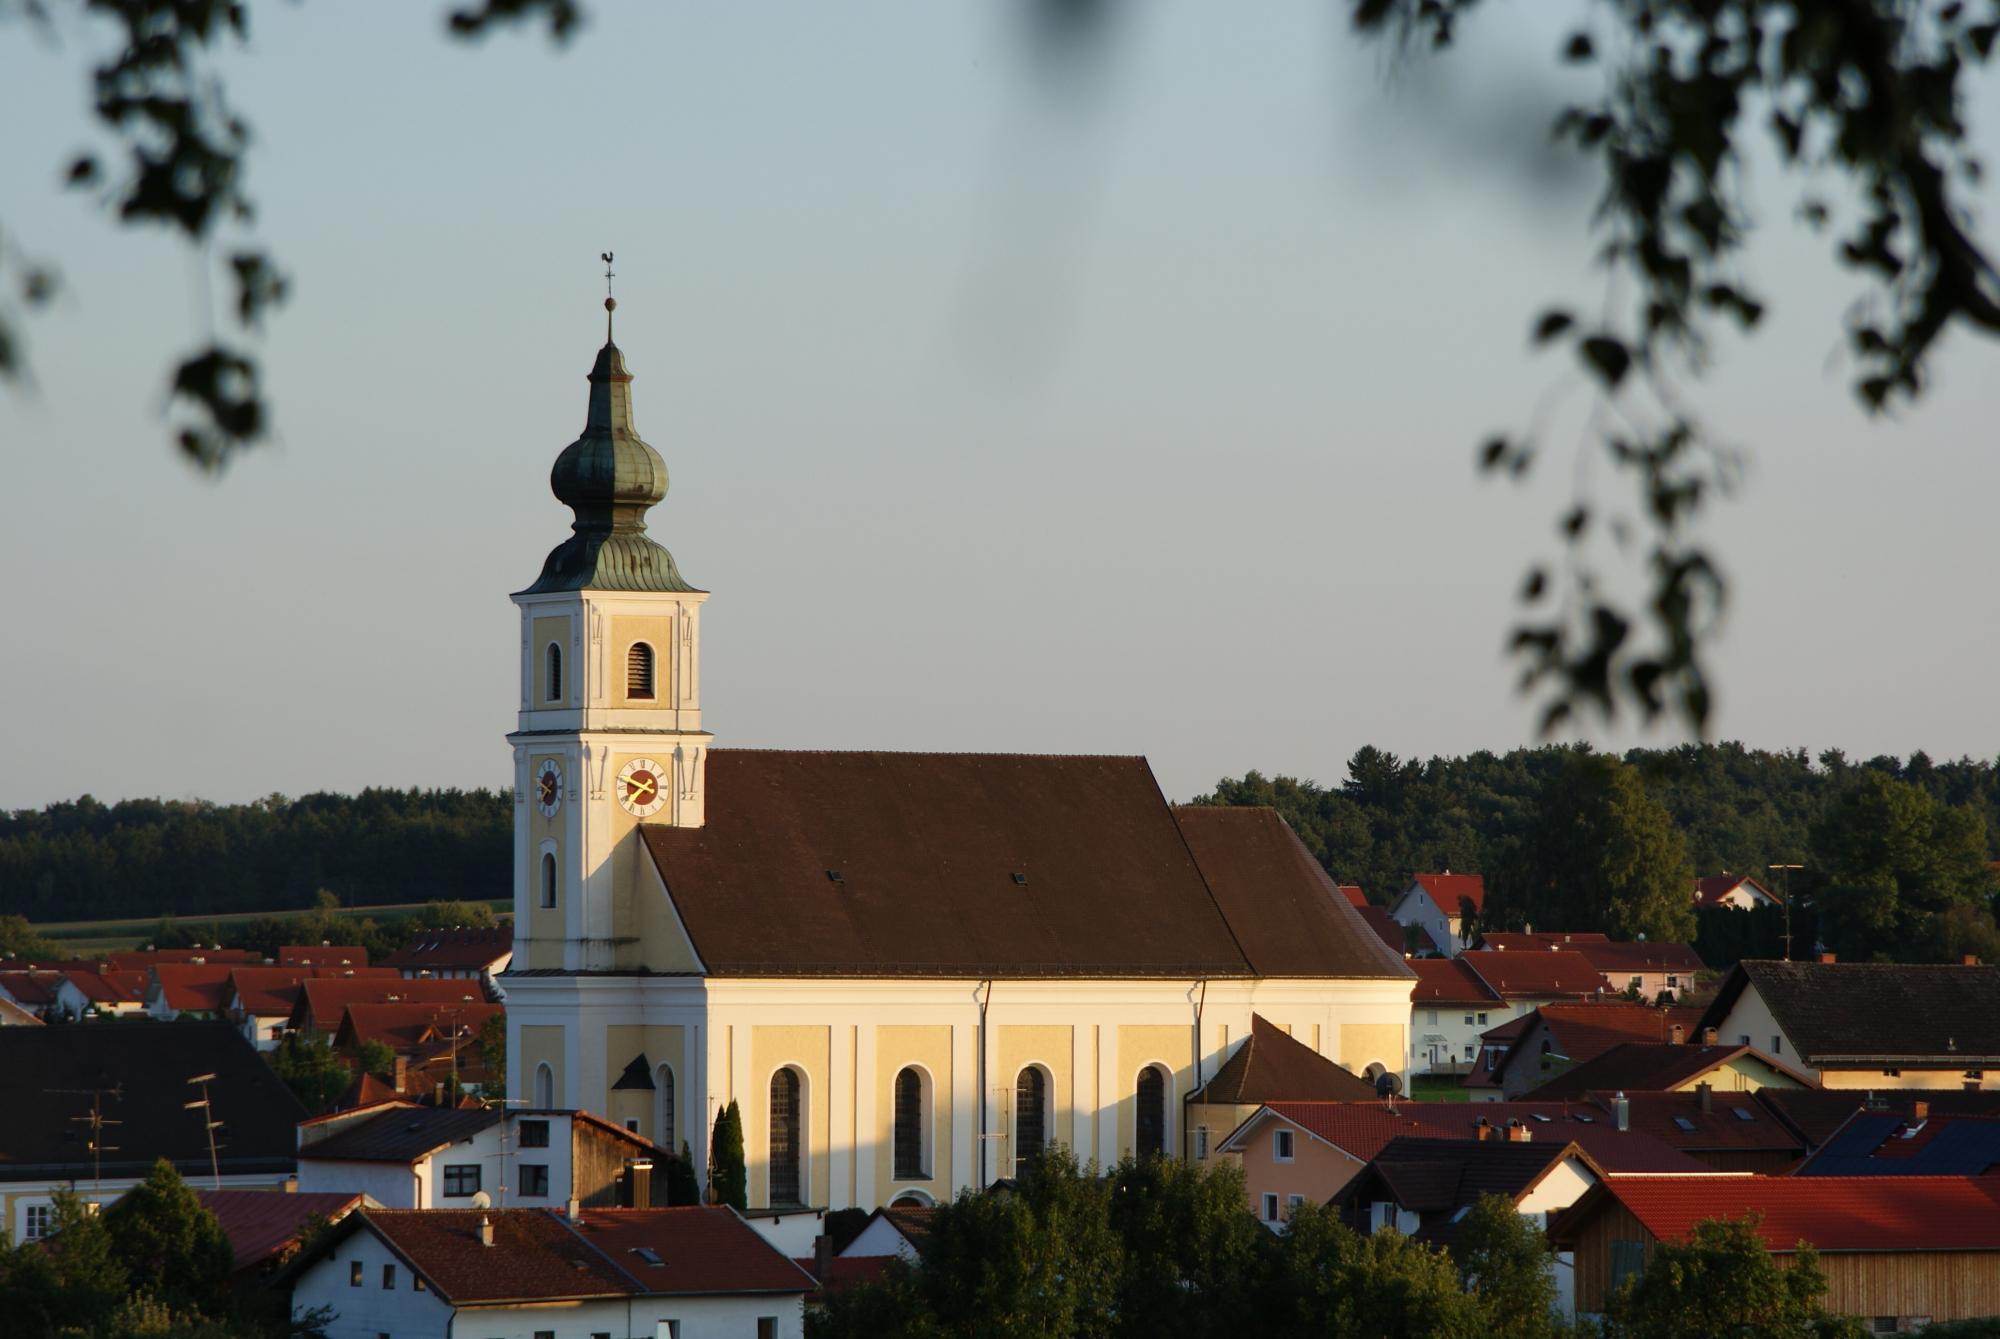 Wallfahrtskirche-St.-Petrus-und-Paulus_Tann